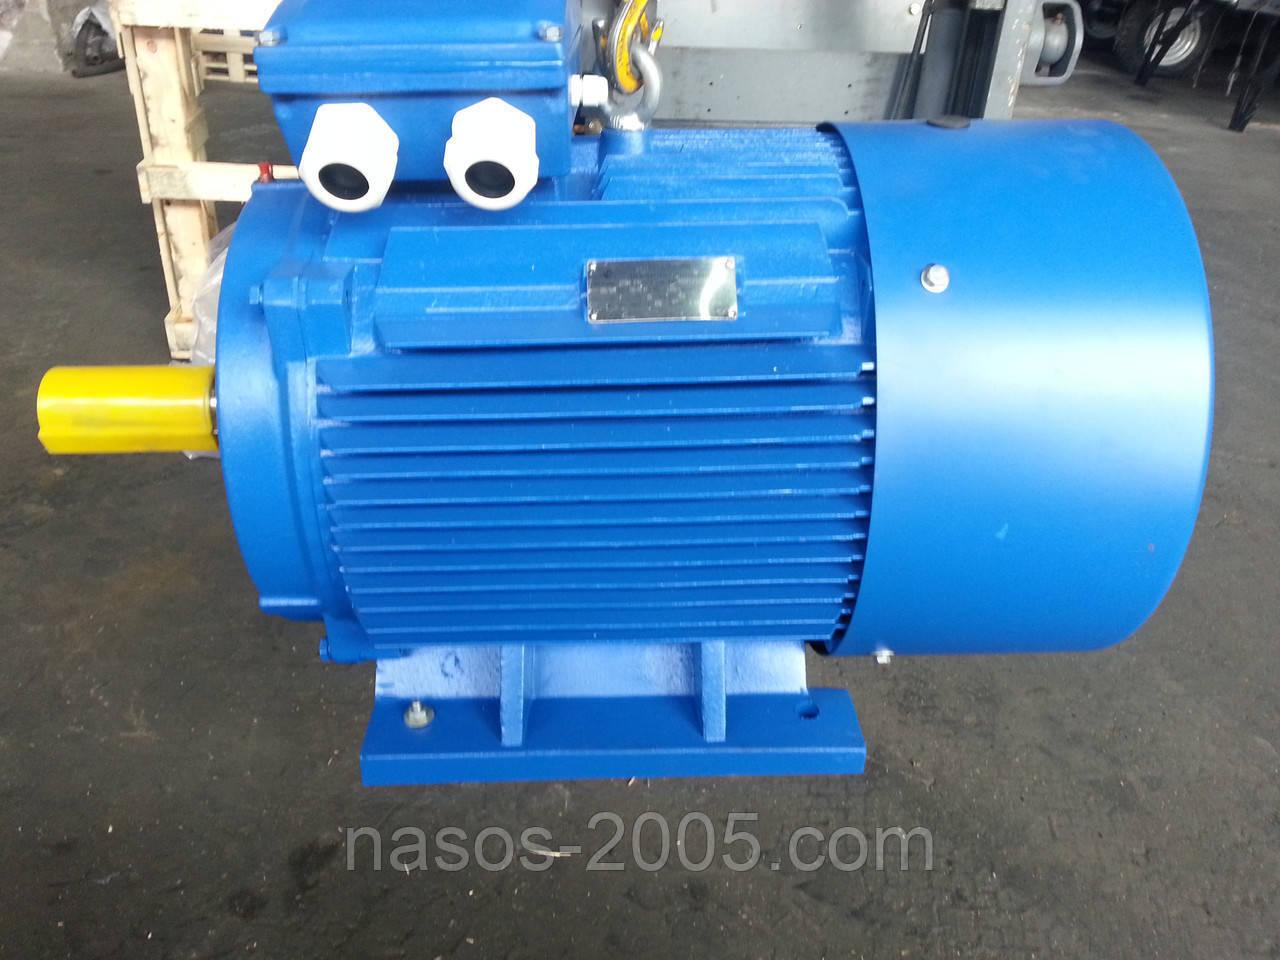 Електродвигун АИР 71 B2 1,1 кВт 3000 об/хв